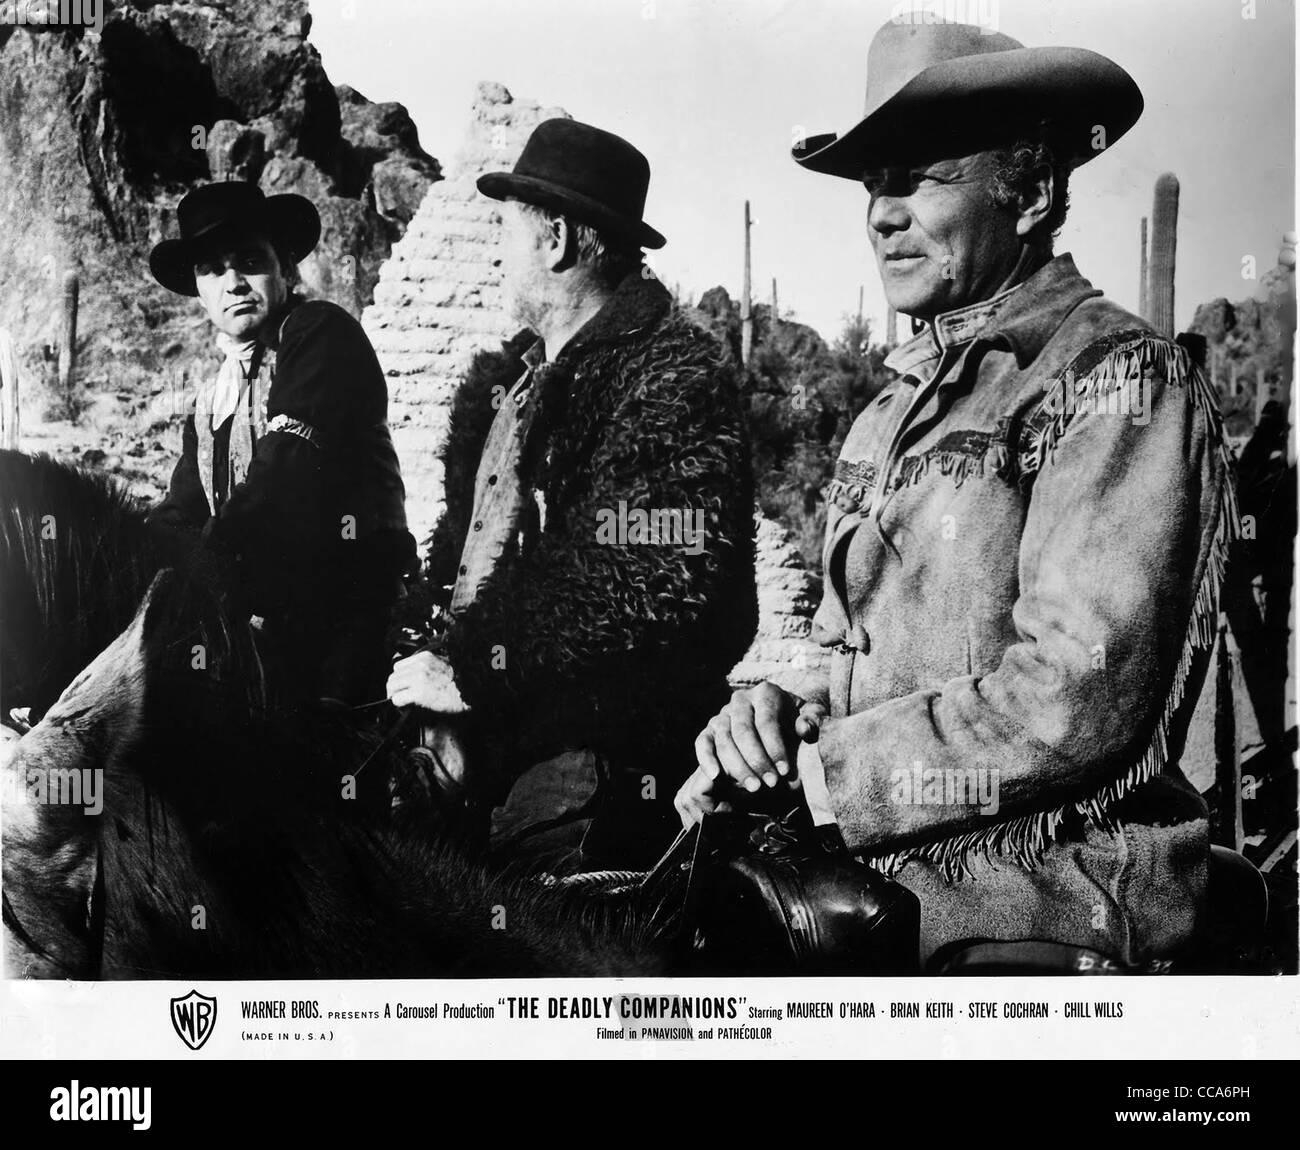 Las compañeras (1961), Brian Keith, Steve Cochran, chill wills SAM PECKINPAH (dir) 001 colección moviestore Imagen De Stock